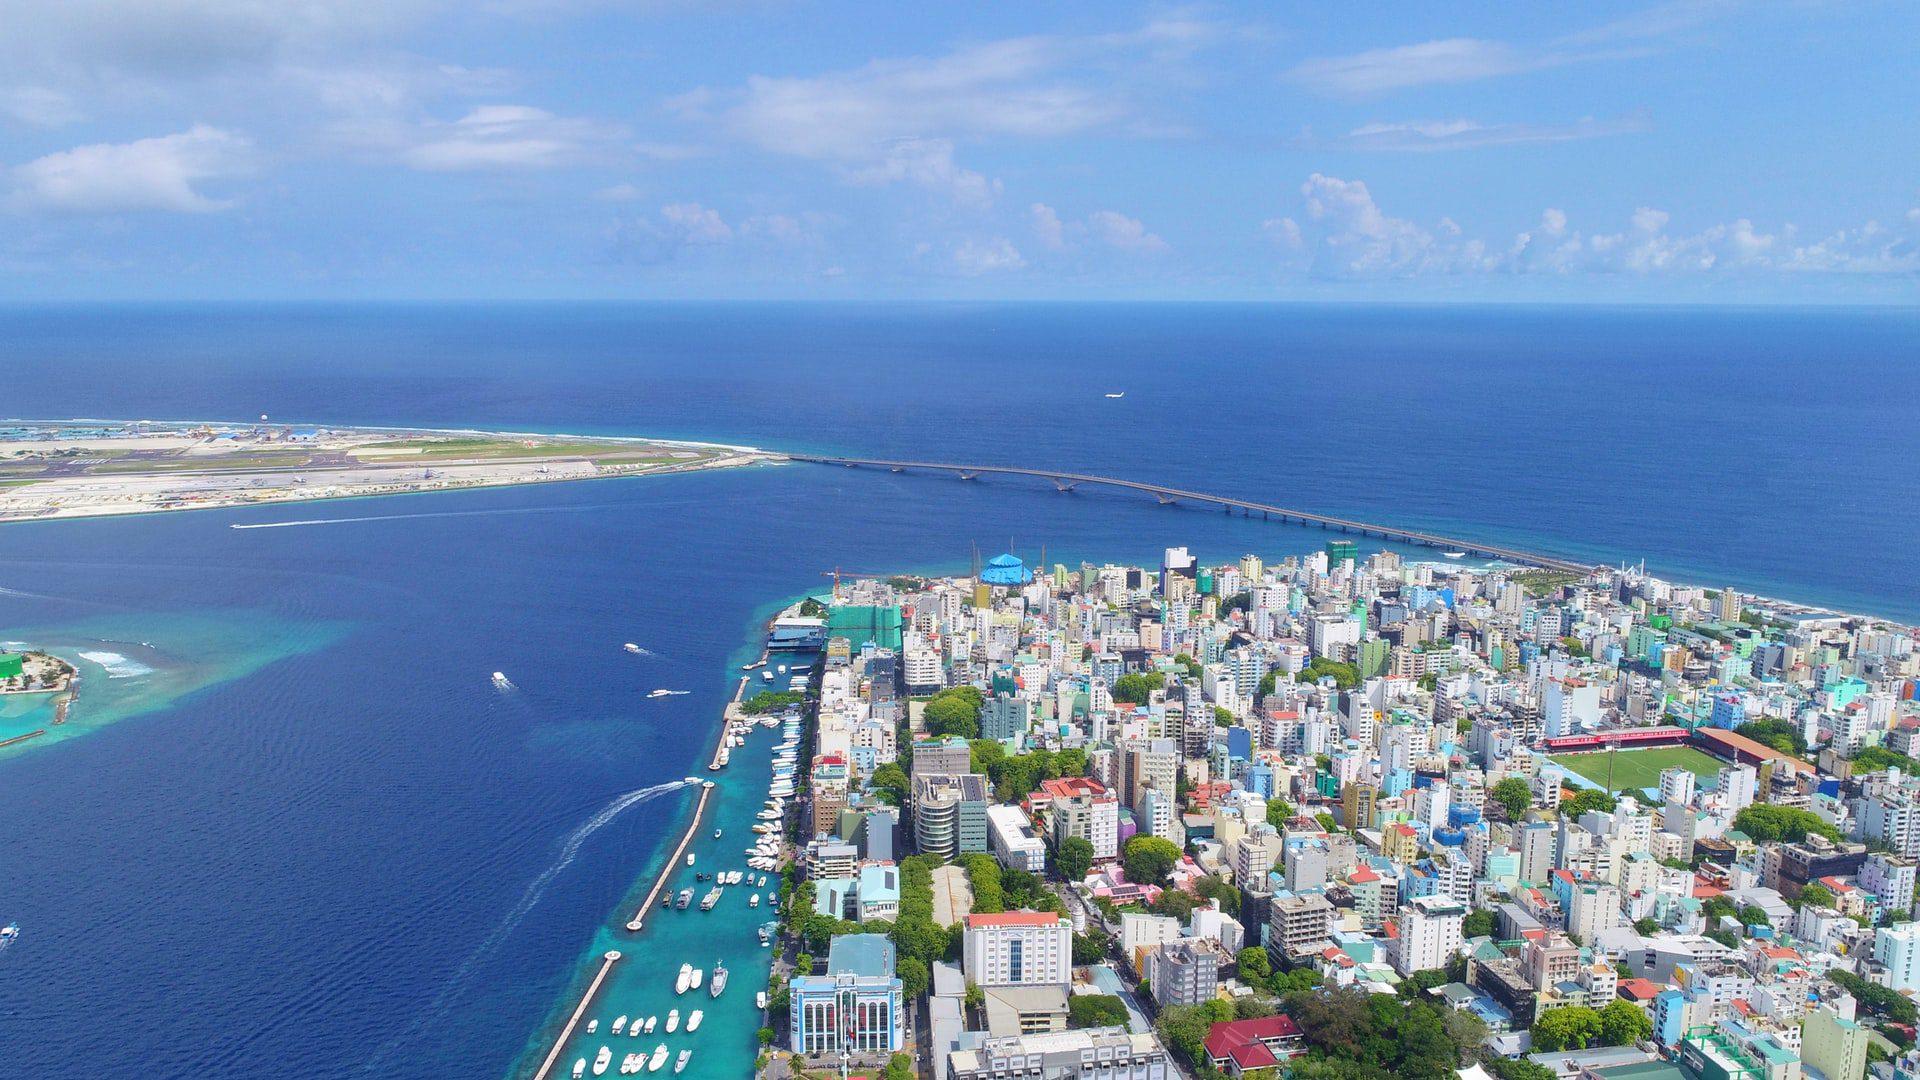 Ce qu'il faut savoir sur Malé